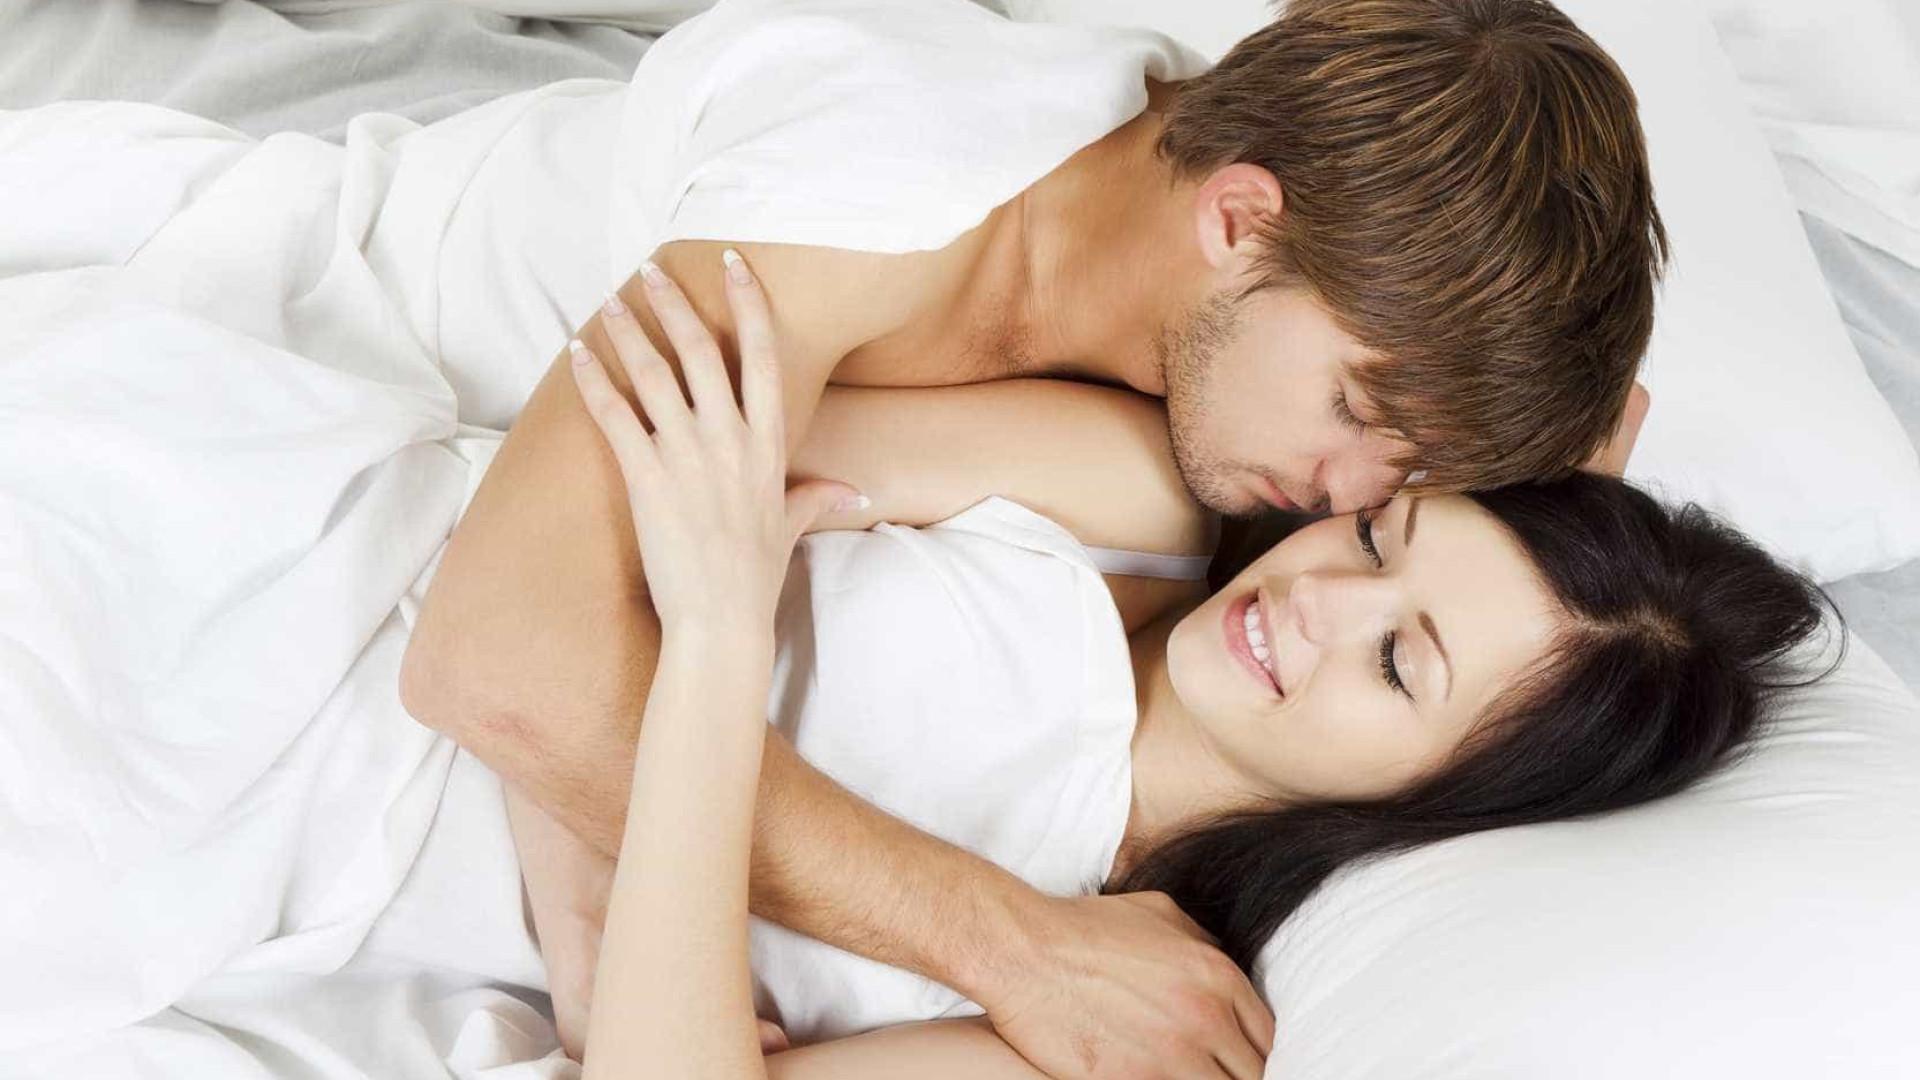 Beijar e abraçar mais. Eis o segredo para uma vida sexual melhor